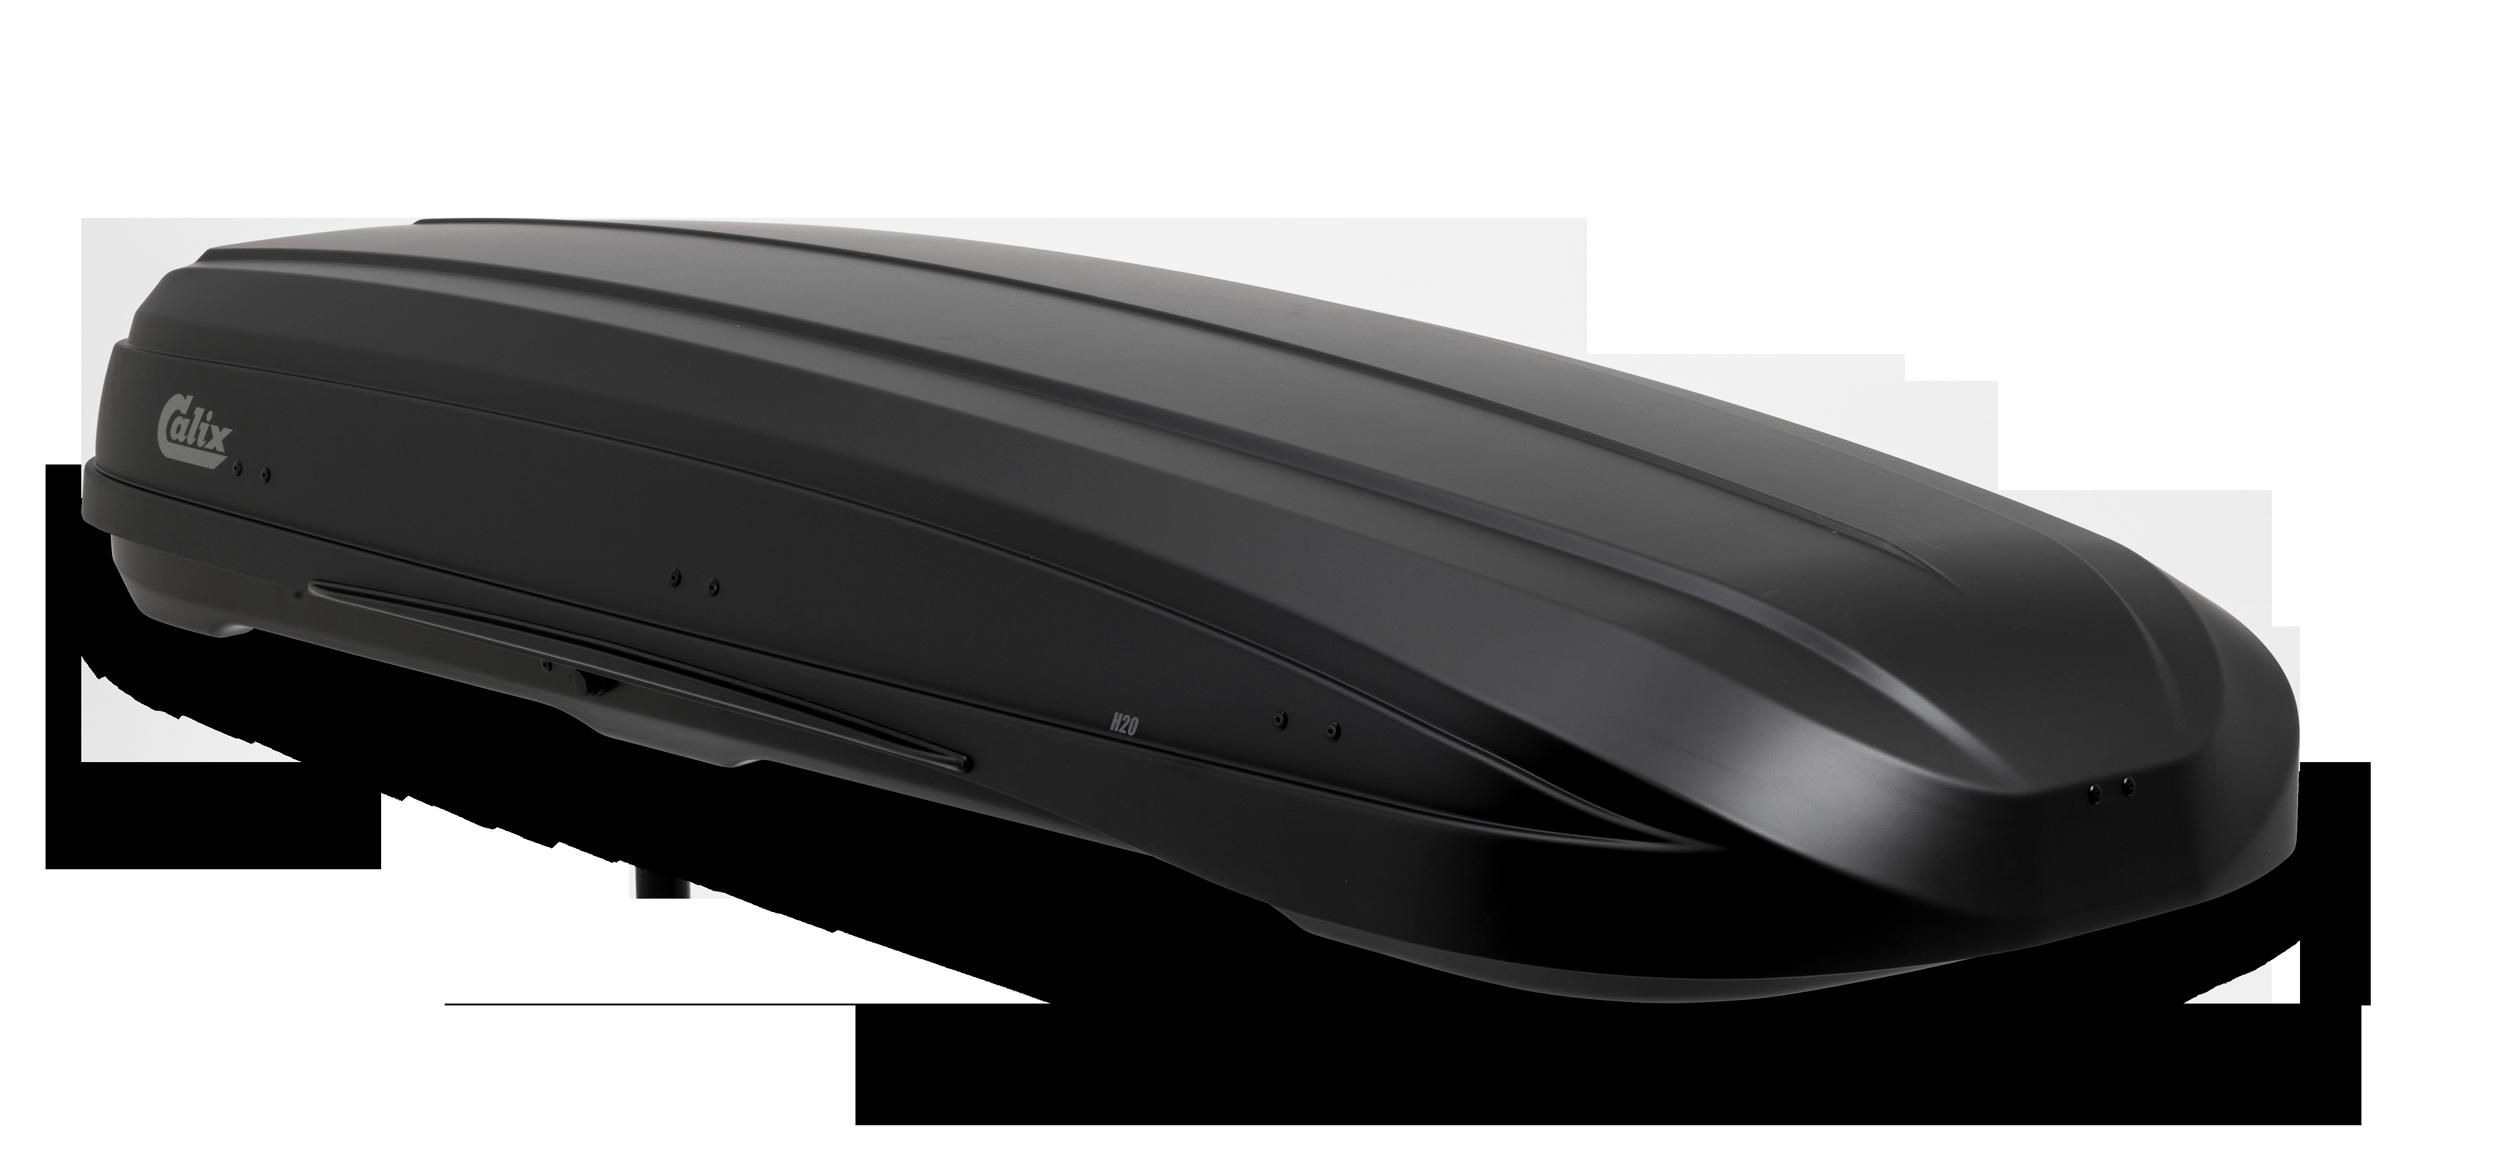 Carbox Dachbox Gepäckbox H20 mattschwarz mit Befestigung QG2.0